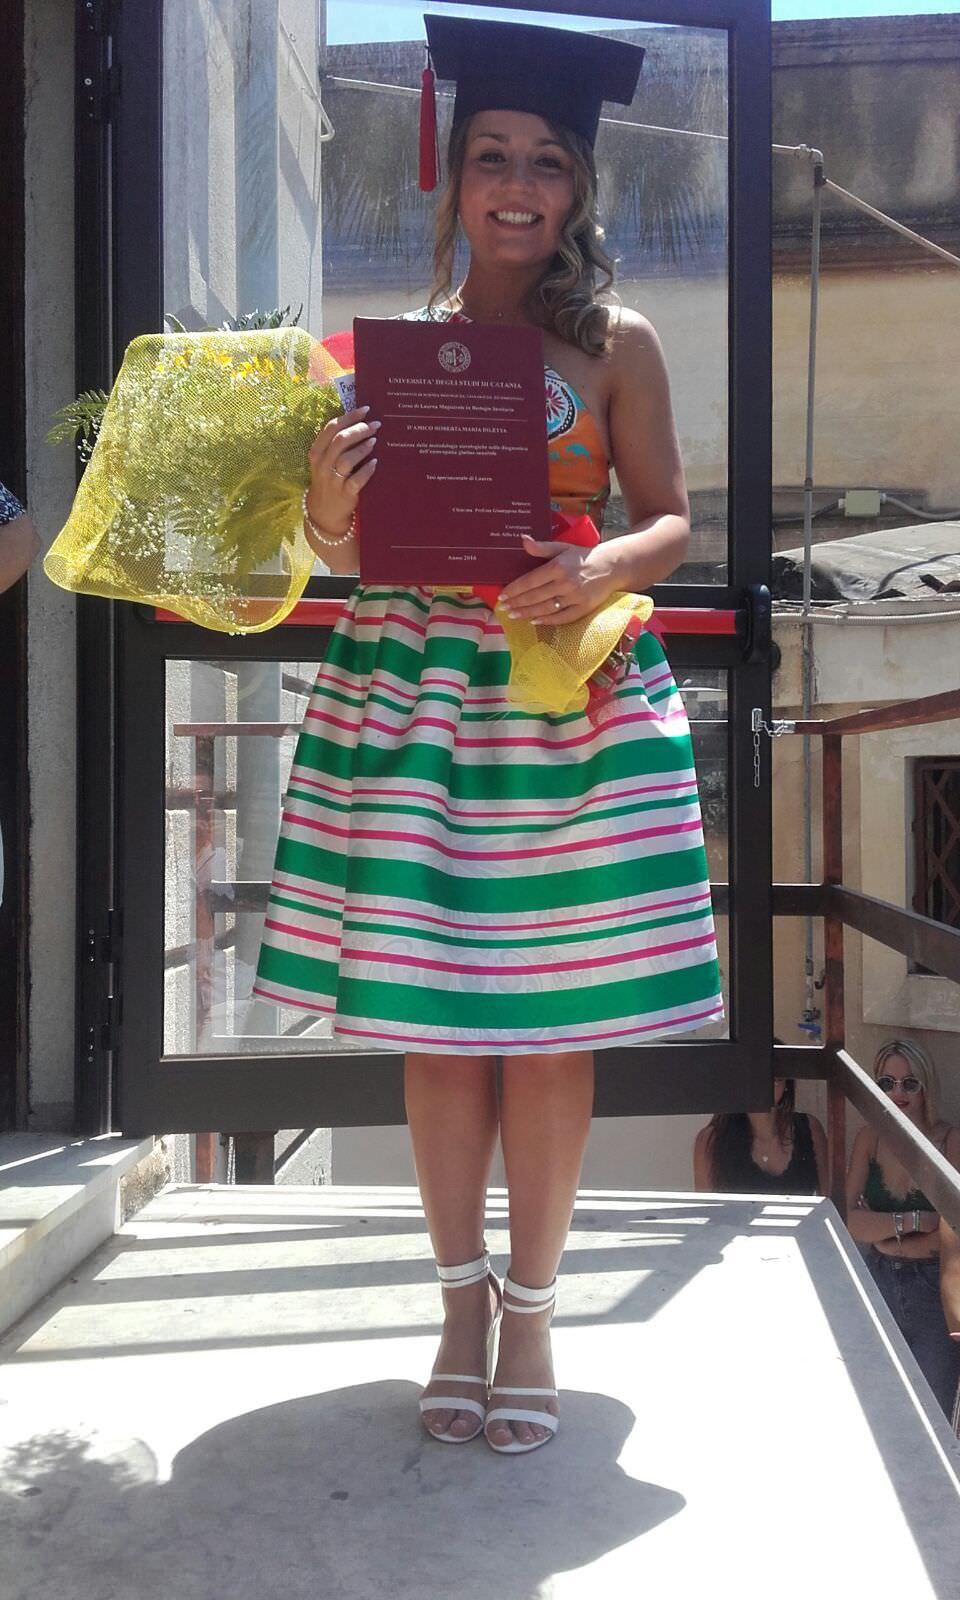 Congratulazioni alla nostra collega Roberta D'Amico: oggi laureata!